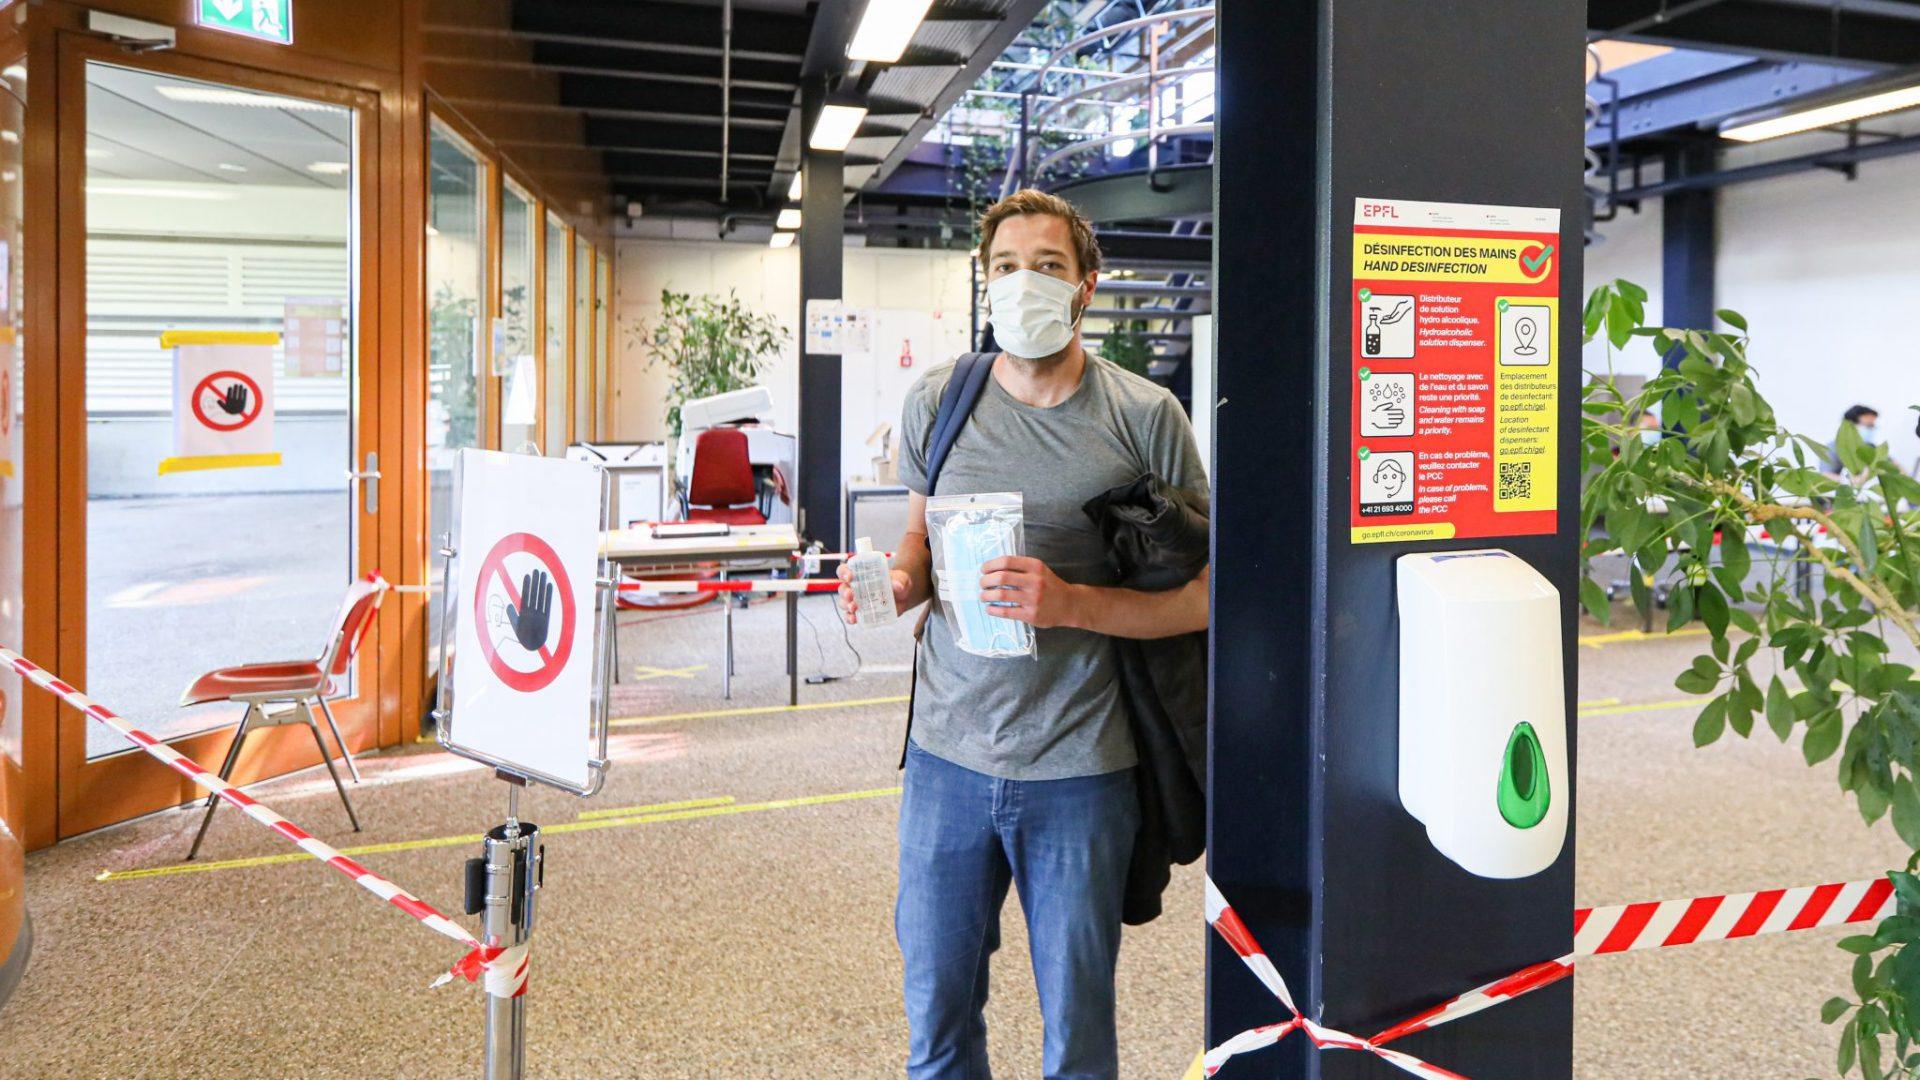 Une personne sortant du DSPS avec un masque sur le visage